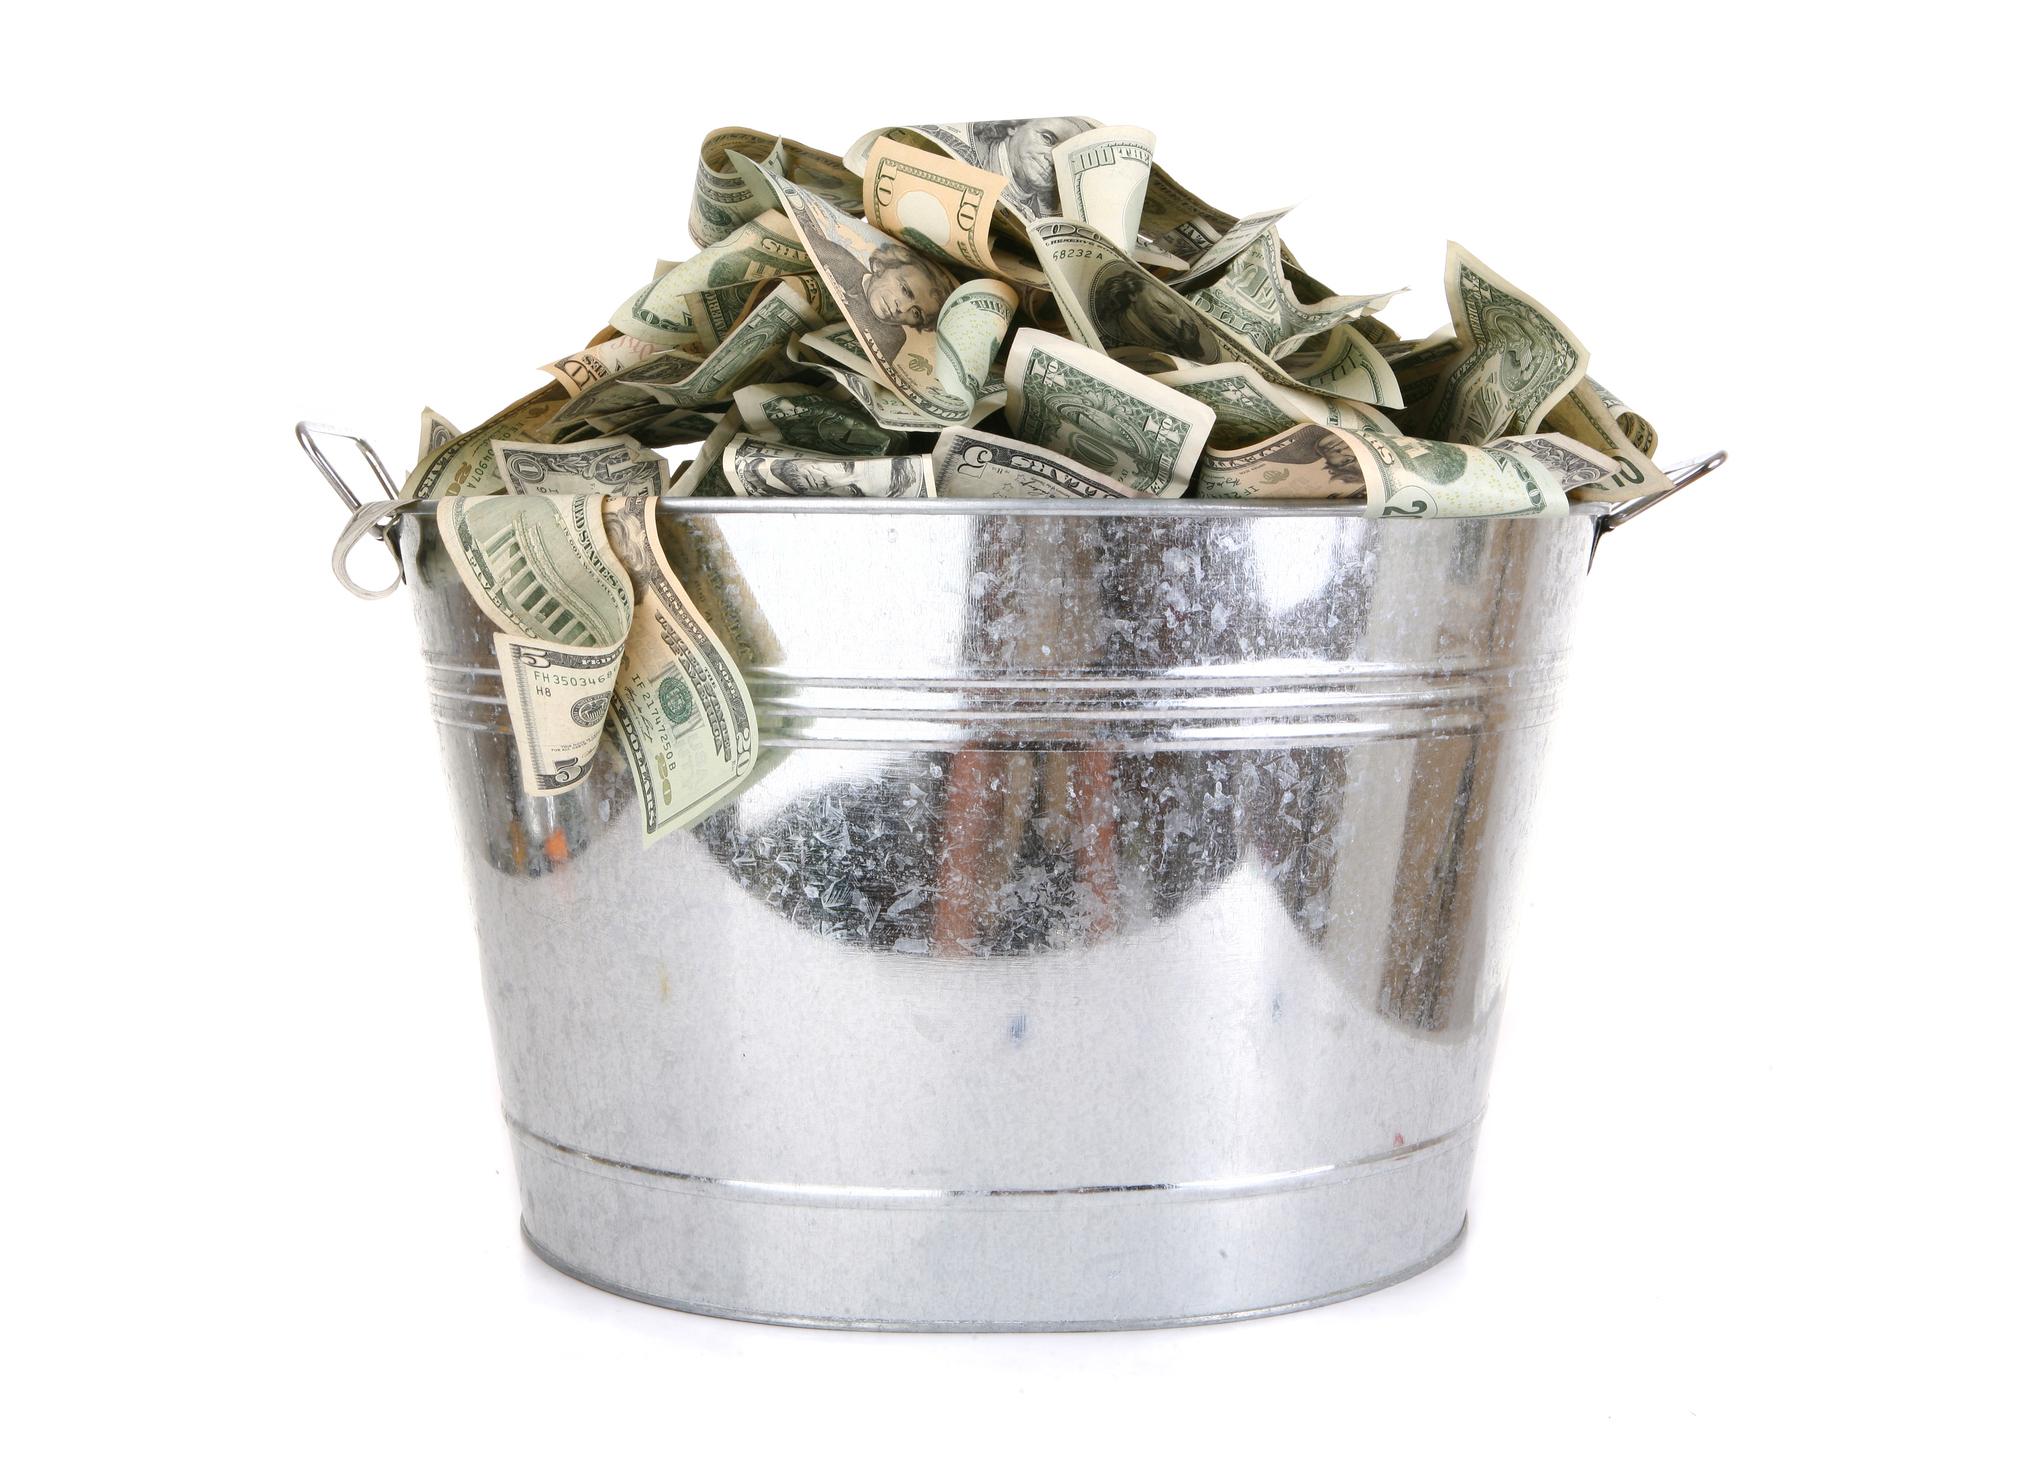 Metal bucket full of money